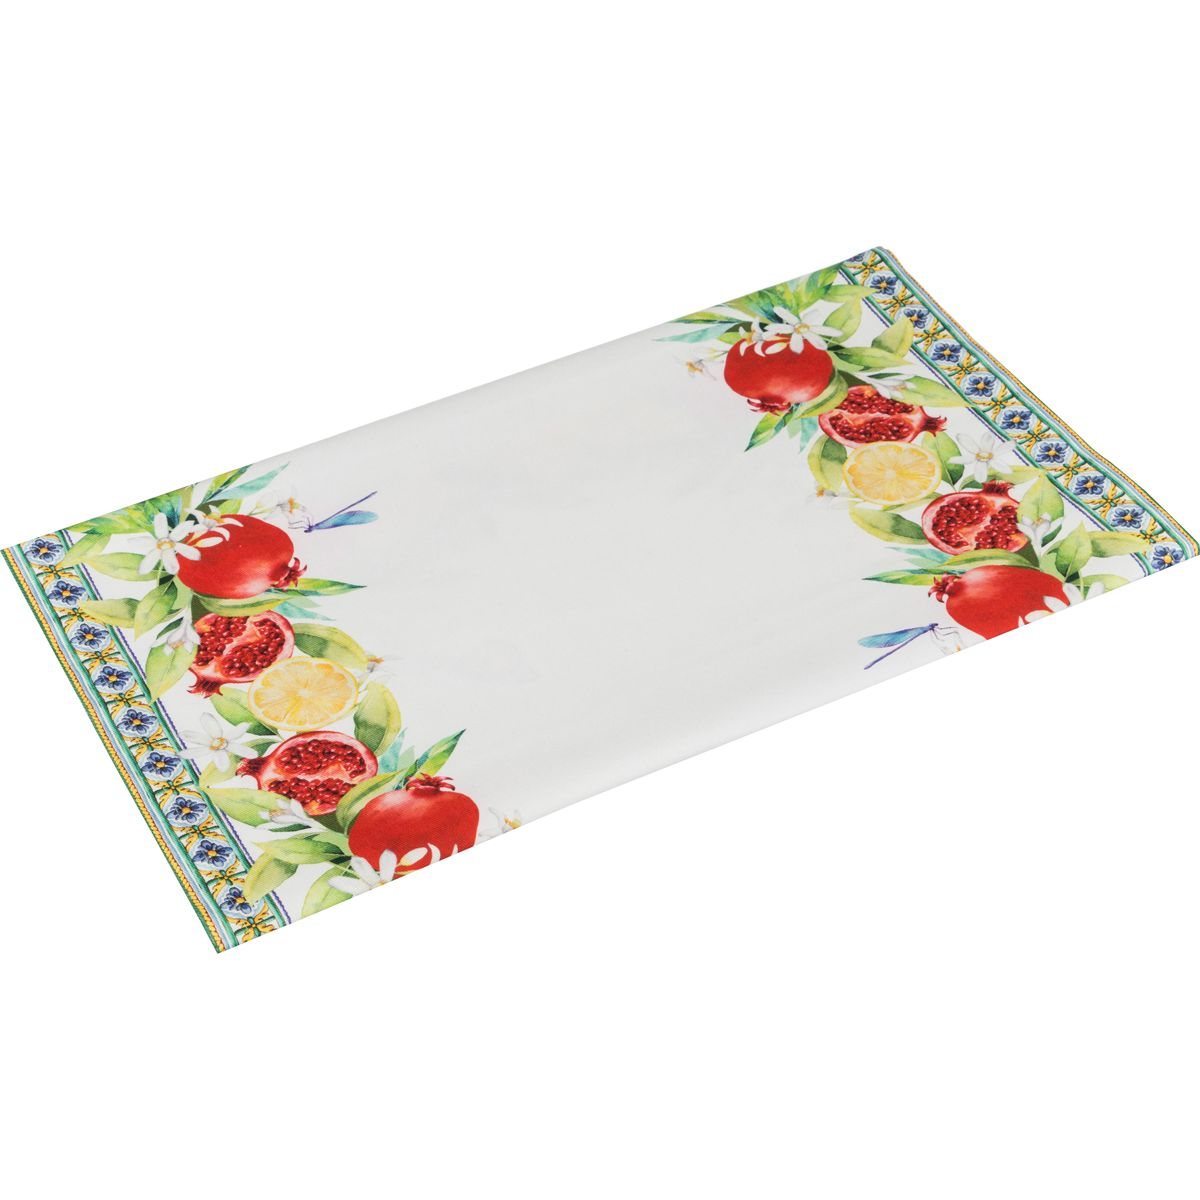 Купить Полотенца Santalino, Кухонное Полотенце Jezebel (40х70 см), Китай, Белый, Зеленый, Красный, Твил